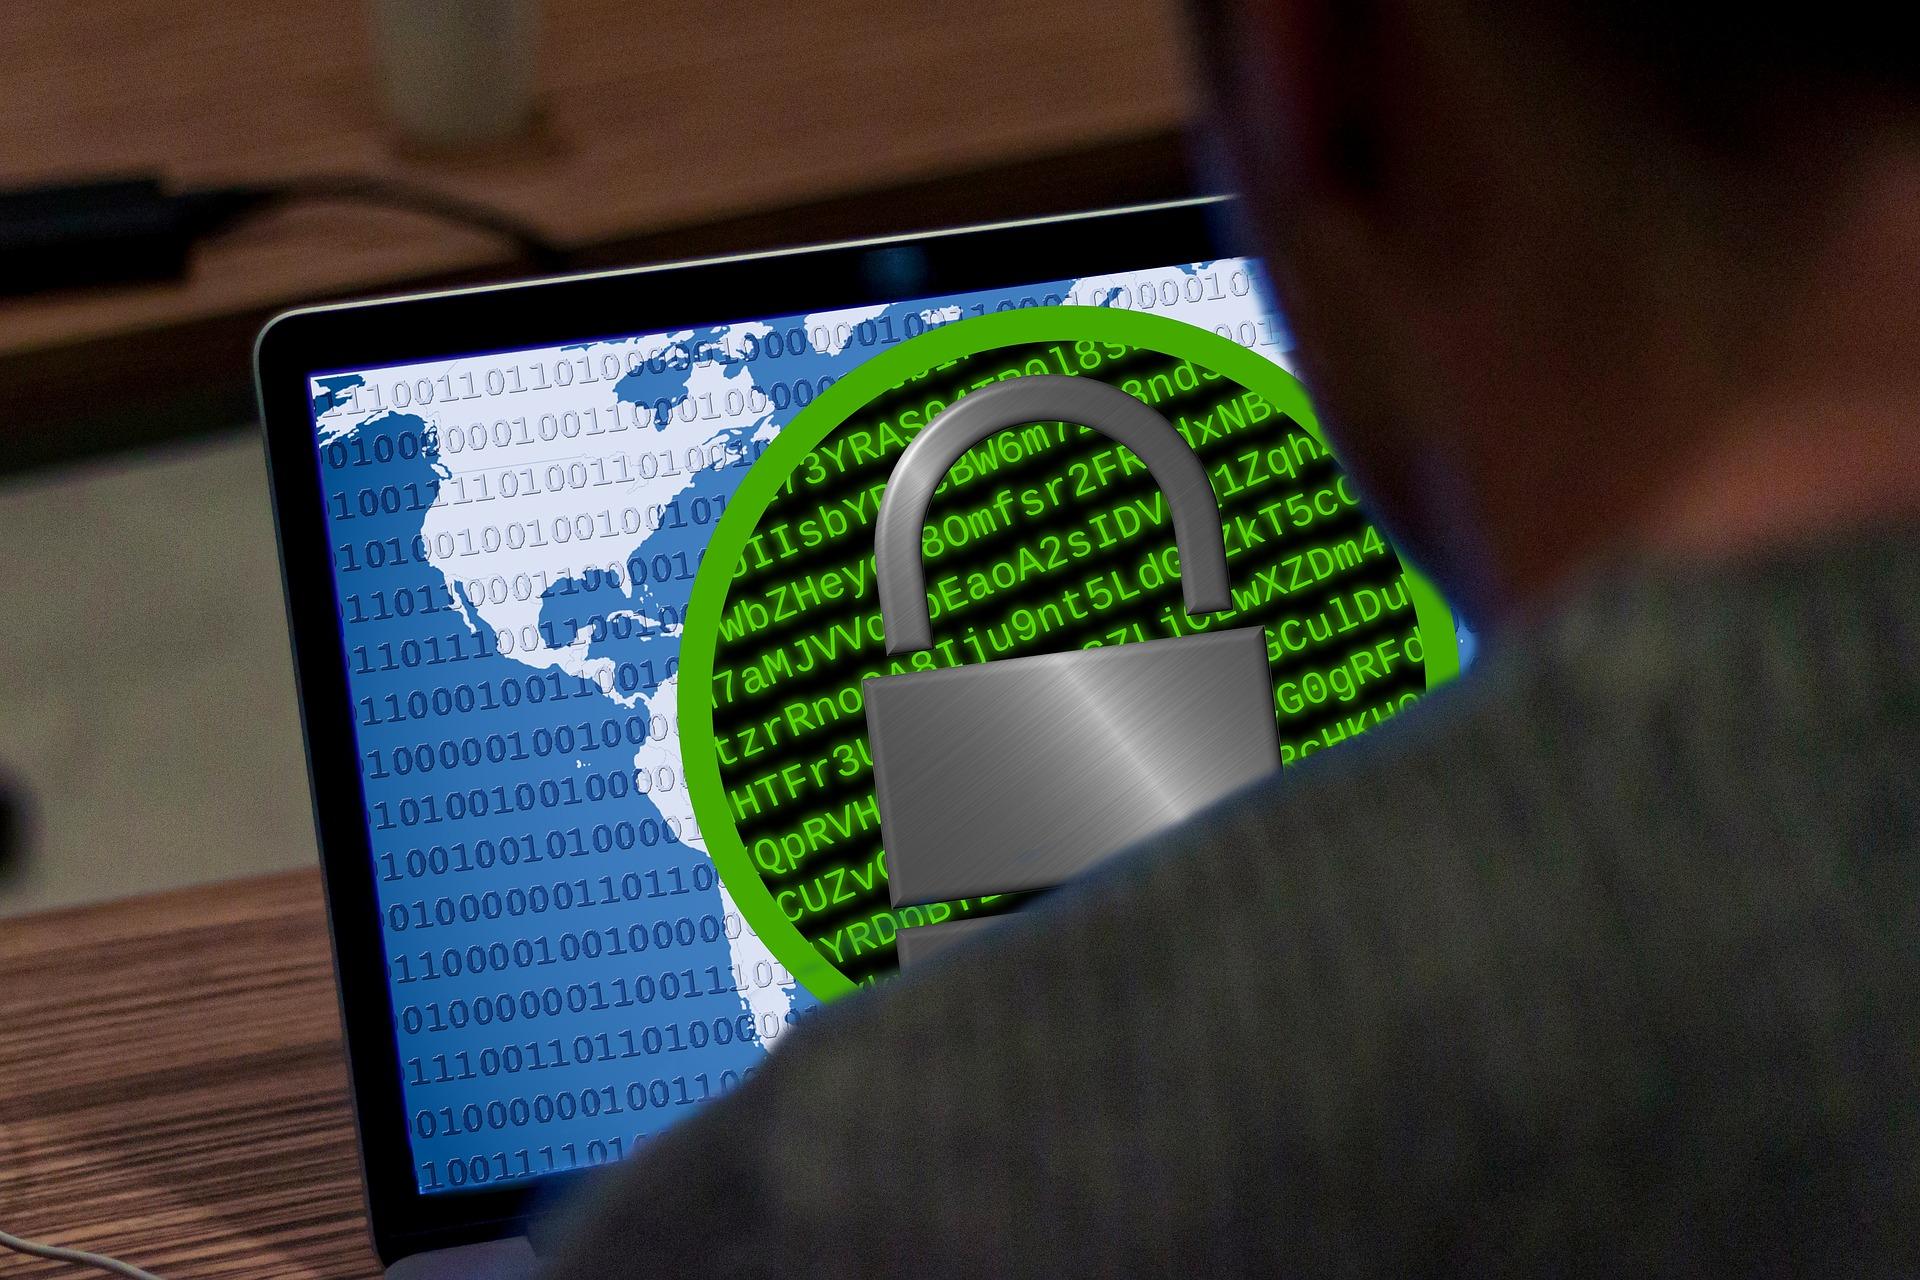 Ransomware omzeilt antivirus door pc in veilige modus te starten